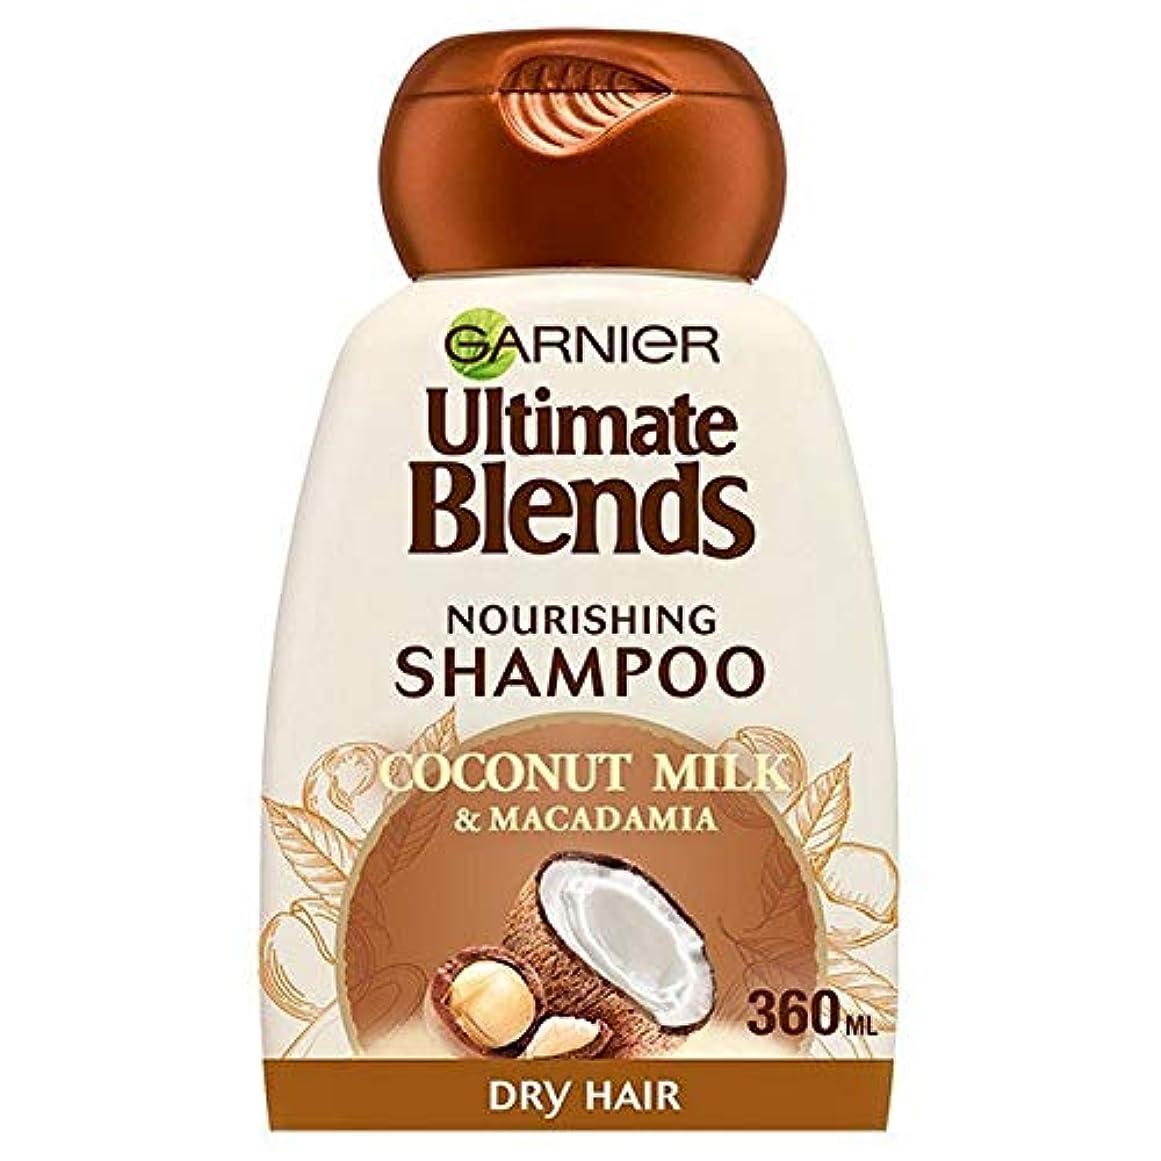 高架海岸満足できる[Garnier ] 究極のブレンドココナッツミルクドライヘアシャンプー360ミリリットル - Ultimate Blends Coconut Milk Dry Hair Shampoo 360ml [並行輸入品]